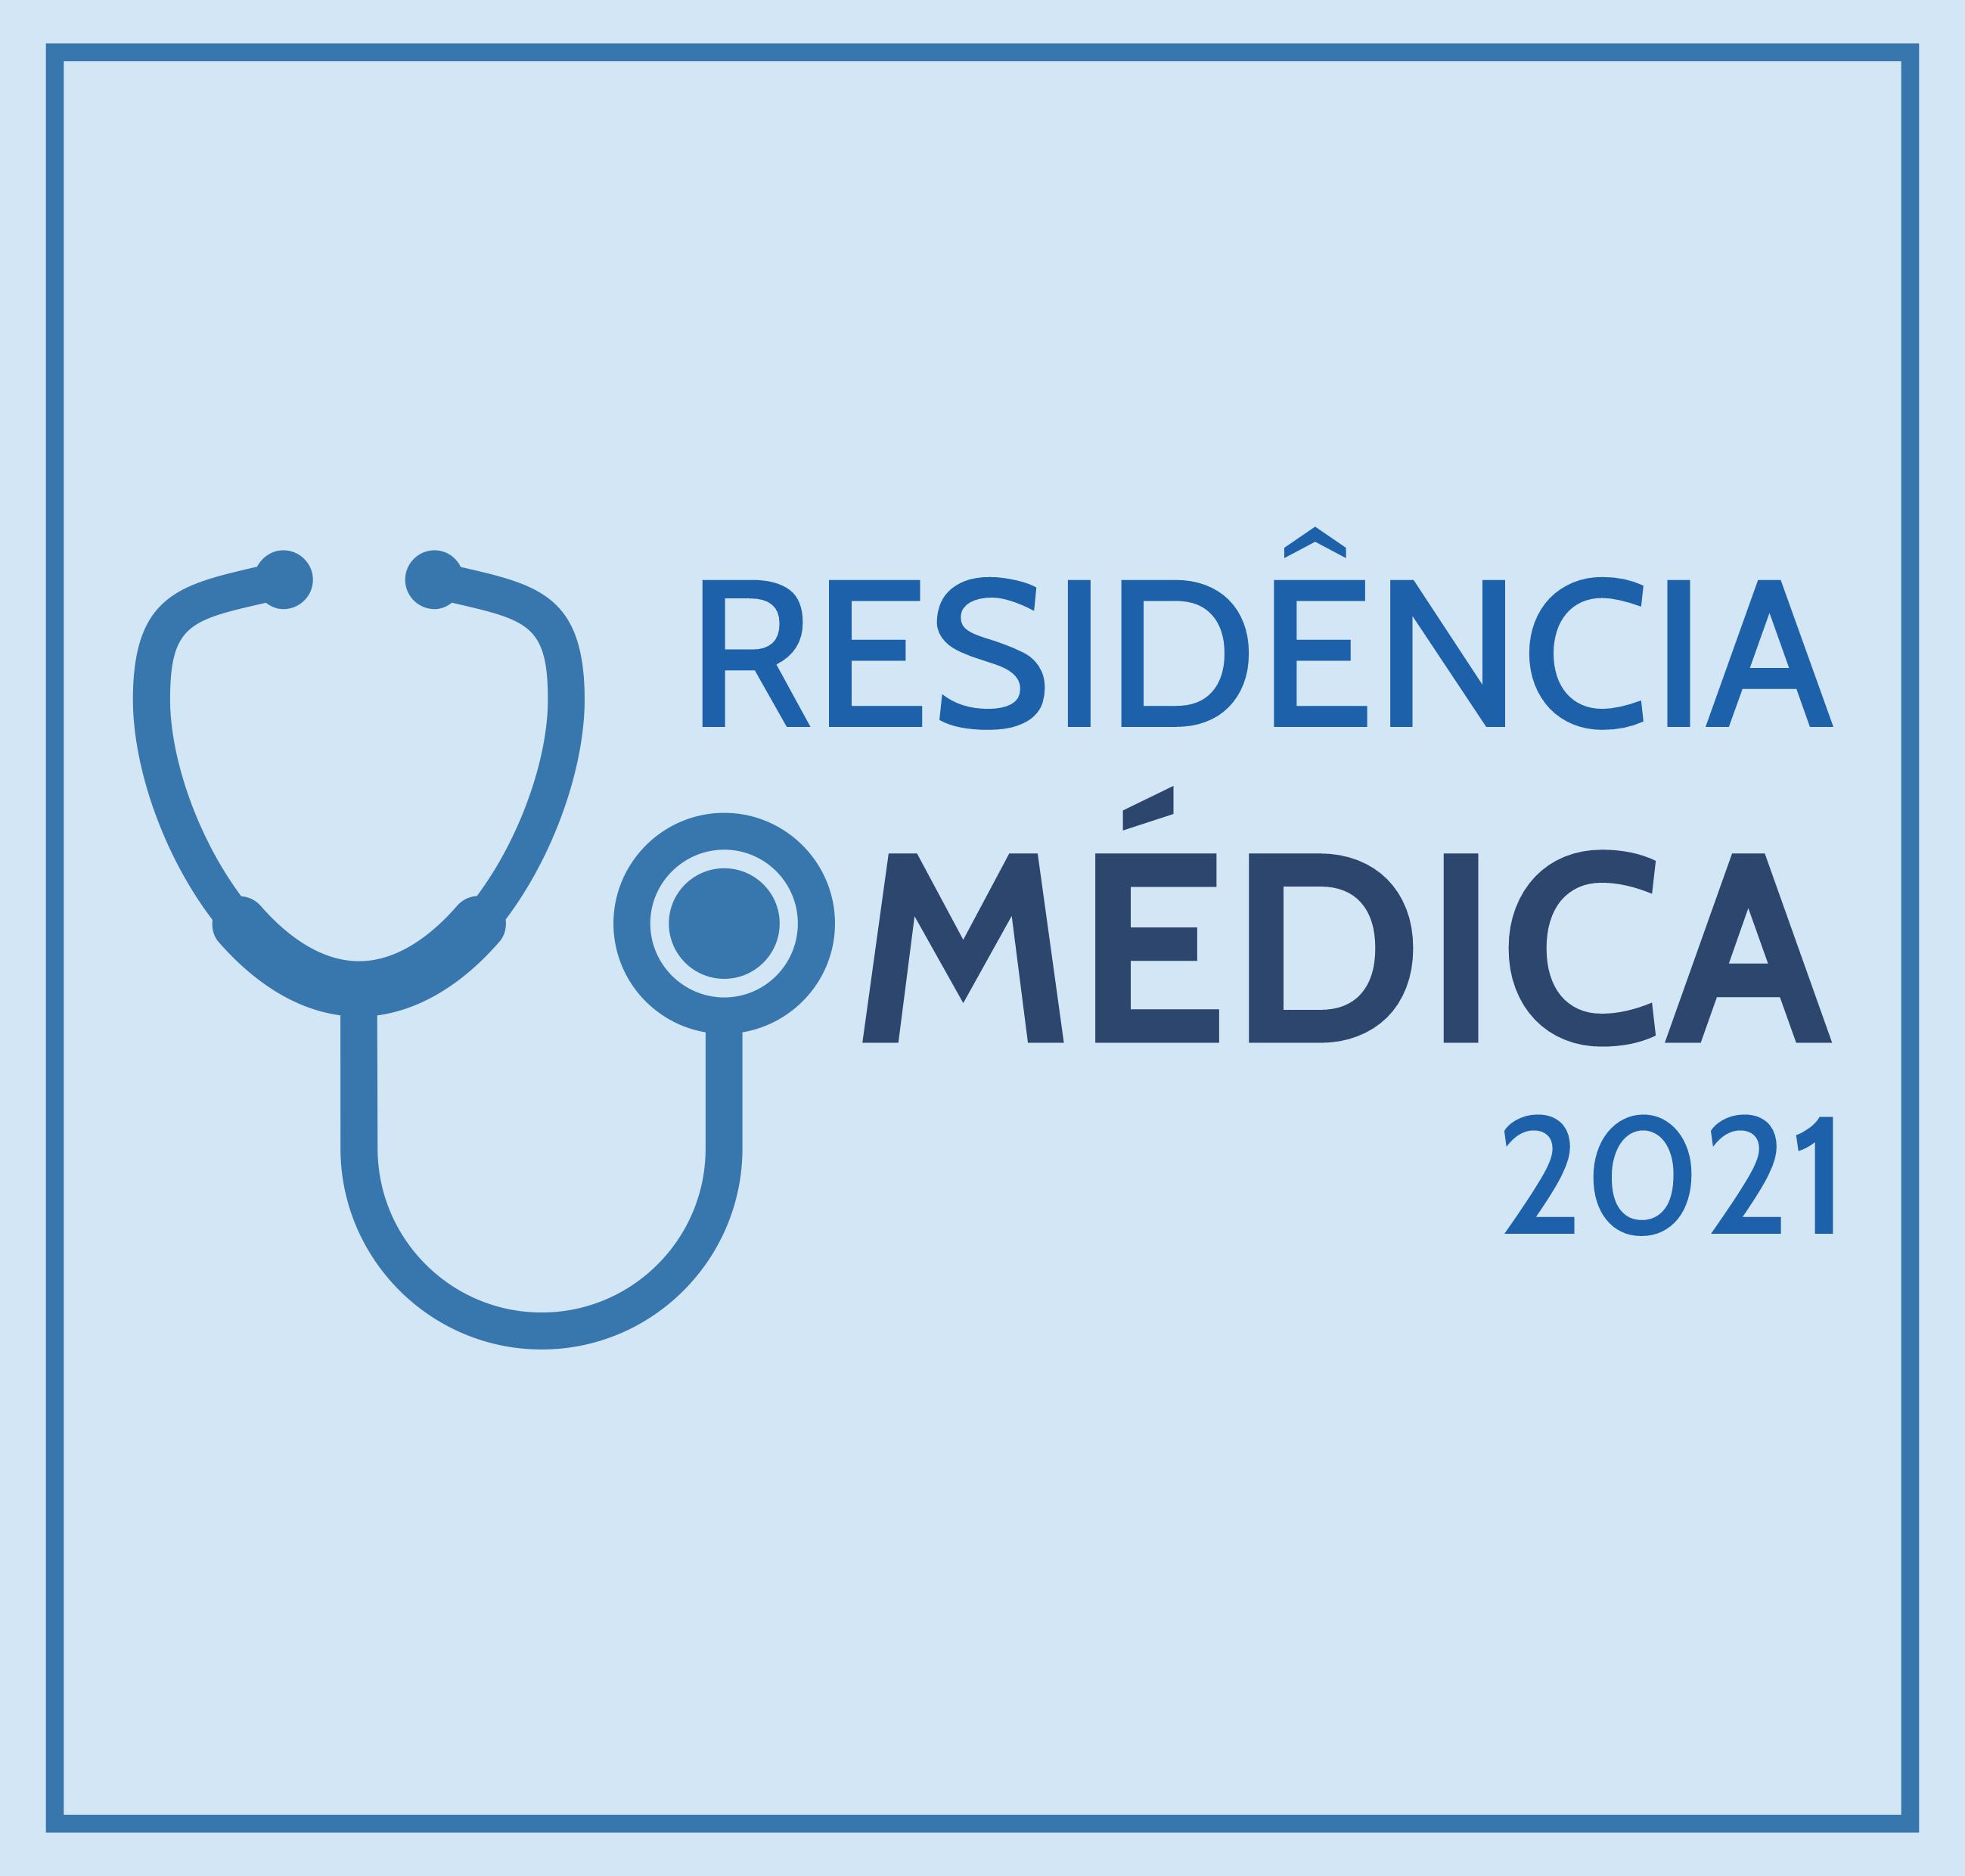 RESIDÊNCIA MÉDICA - 2021